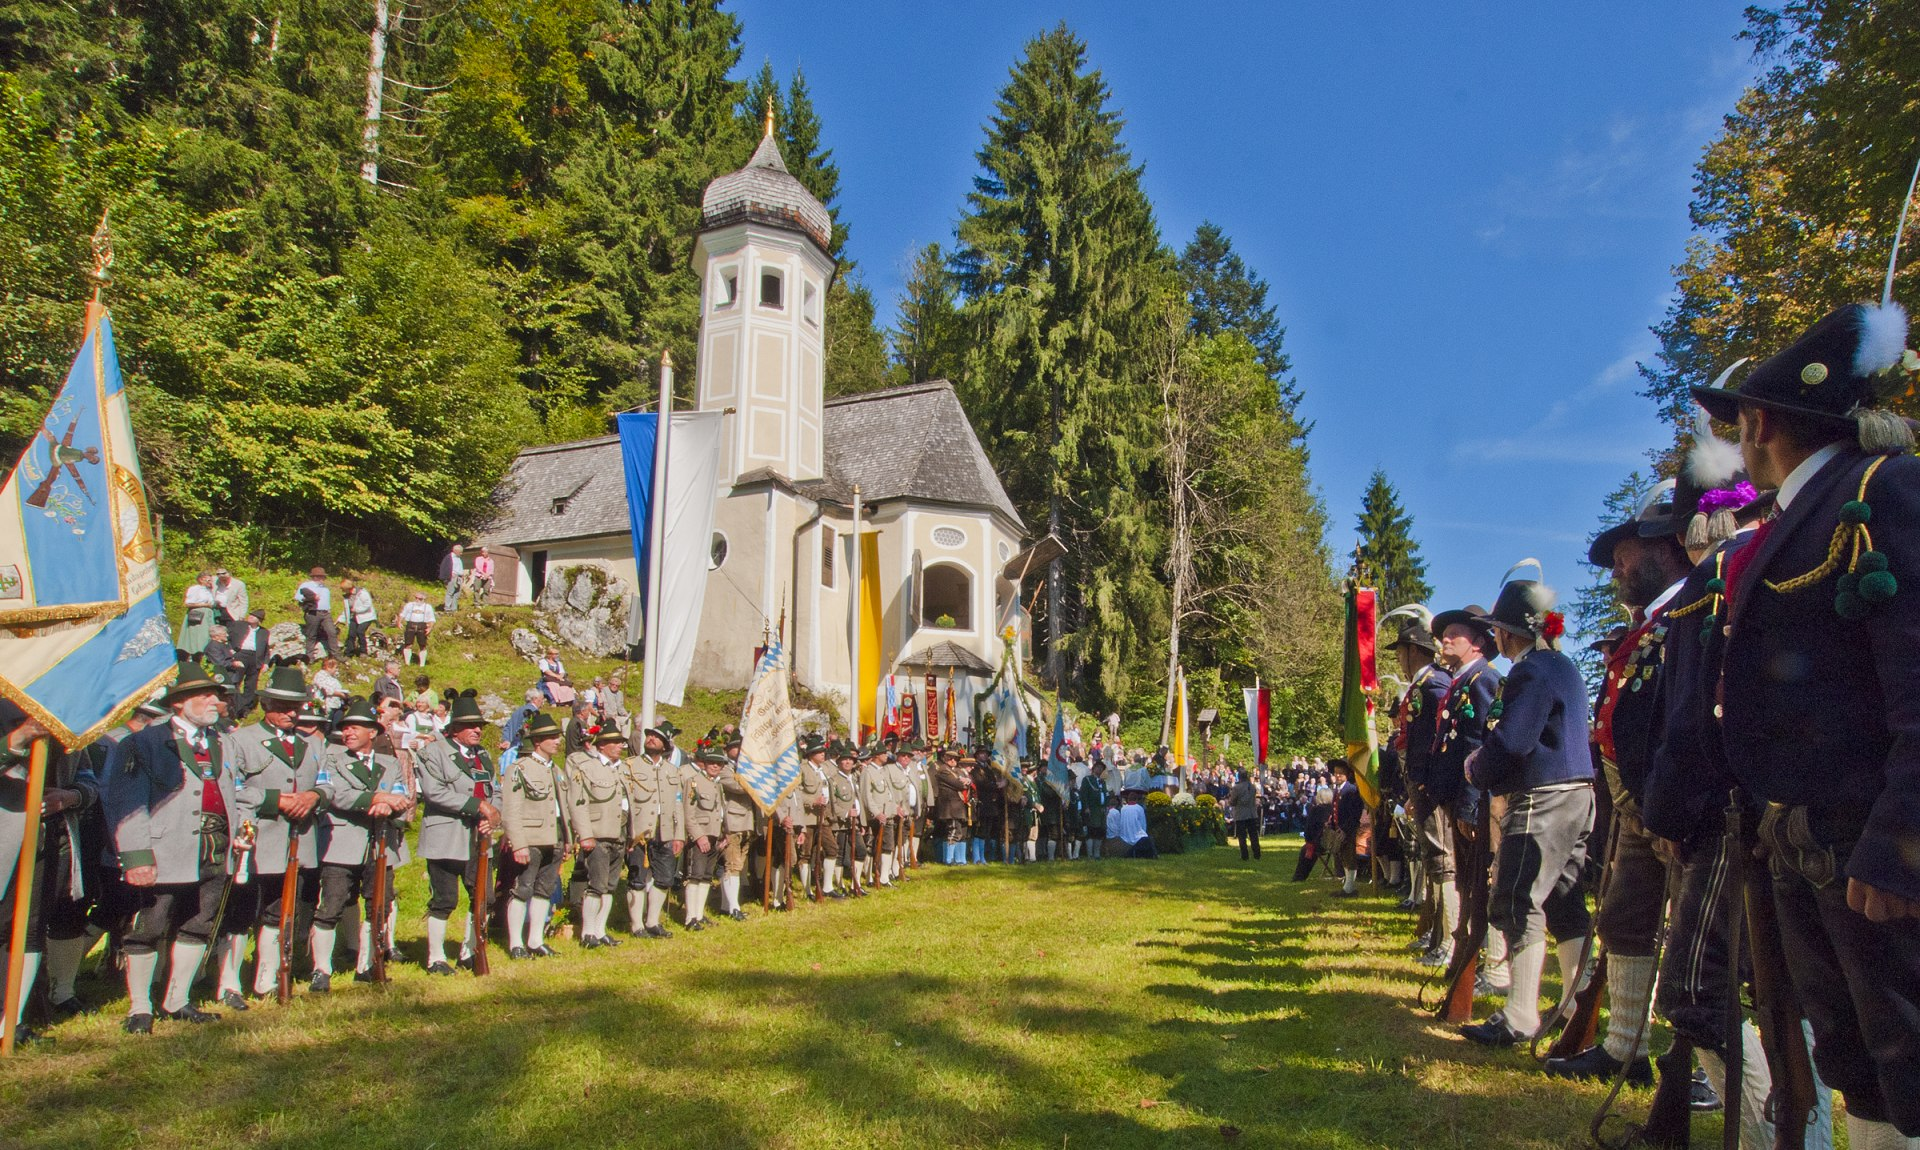 Wallfahrt zur Ölbergkapelle Sachrang, © ROHA-Fotothek Fürmann